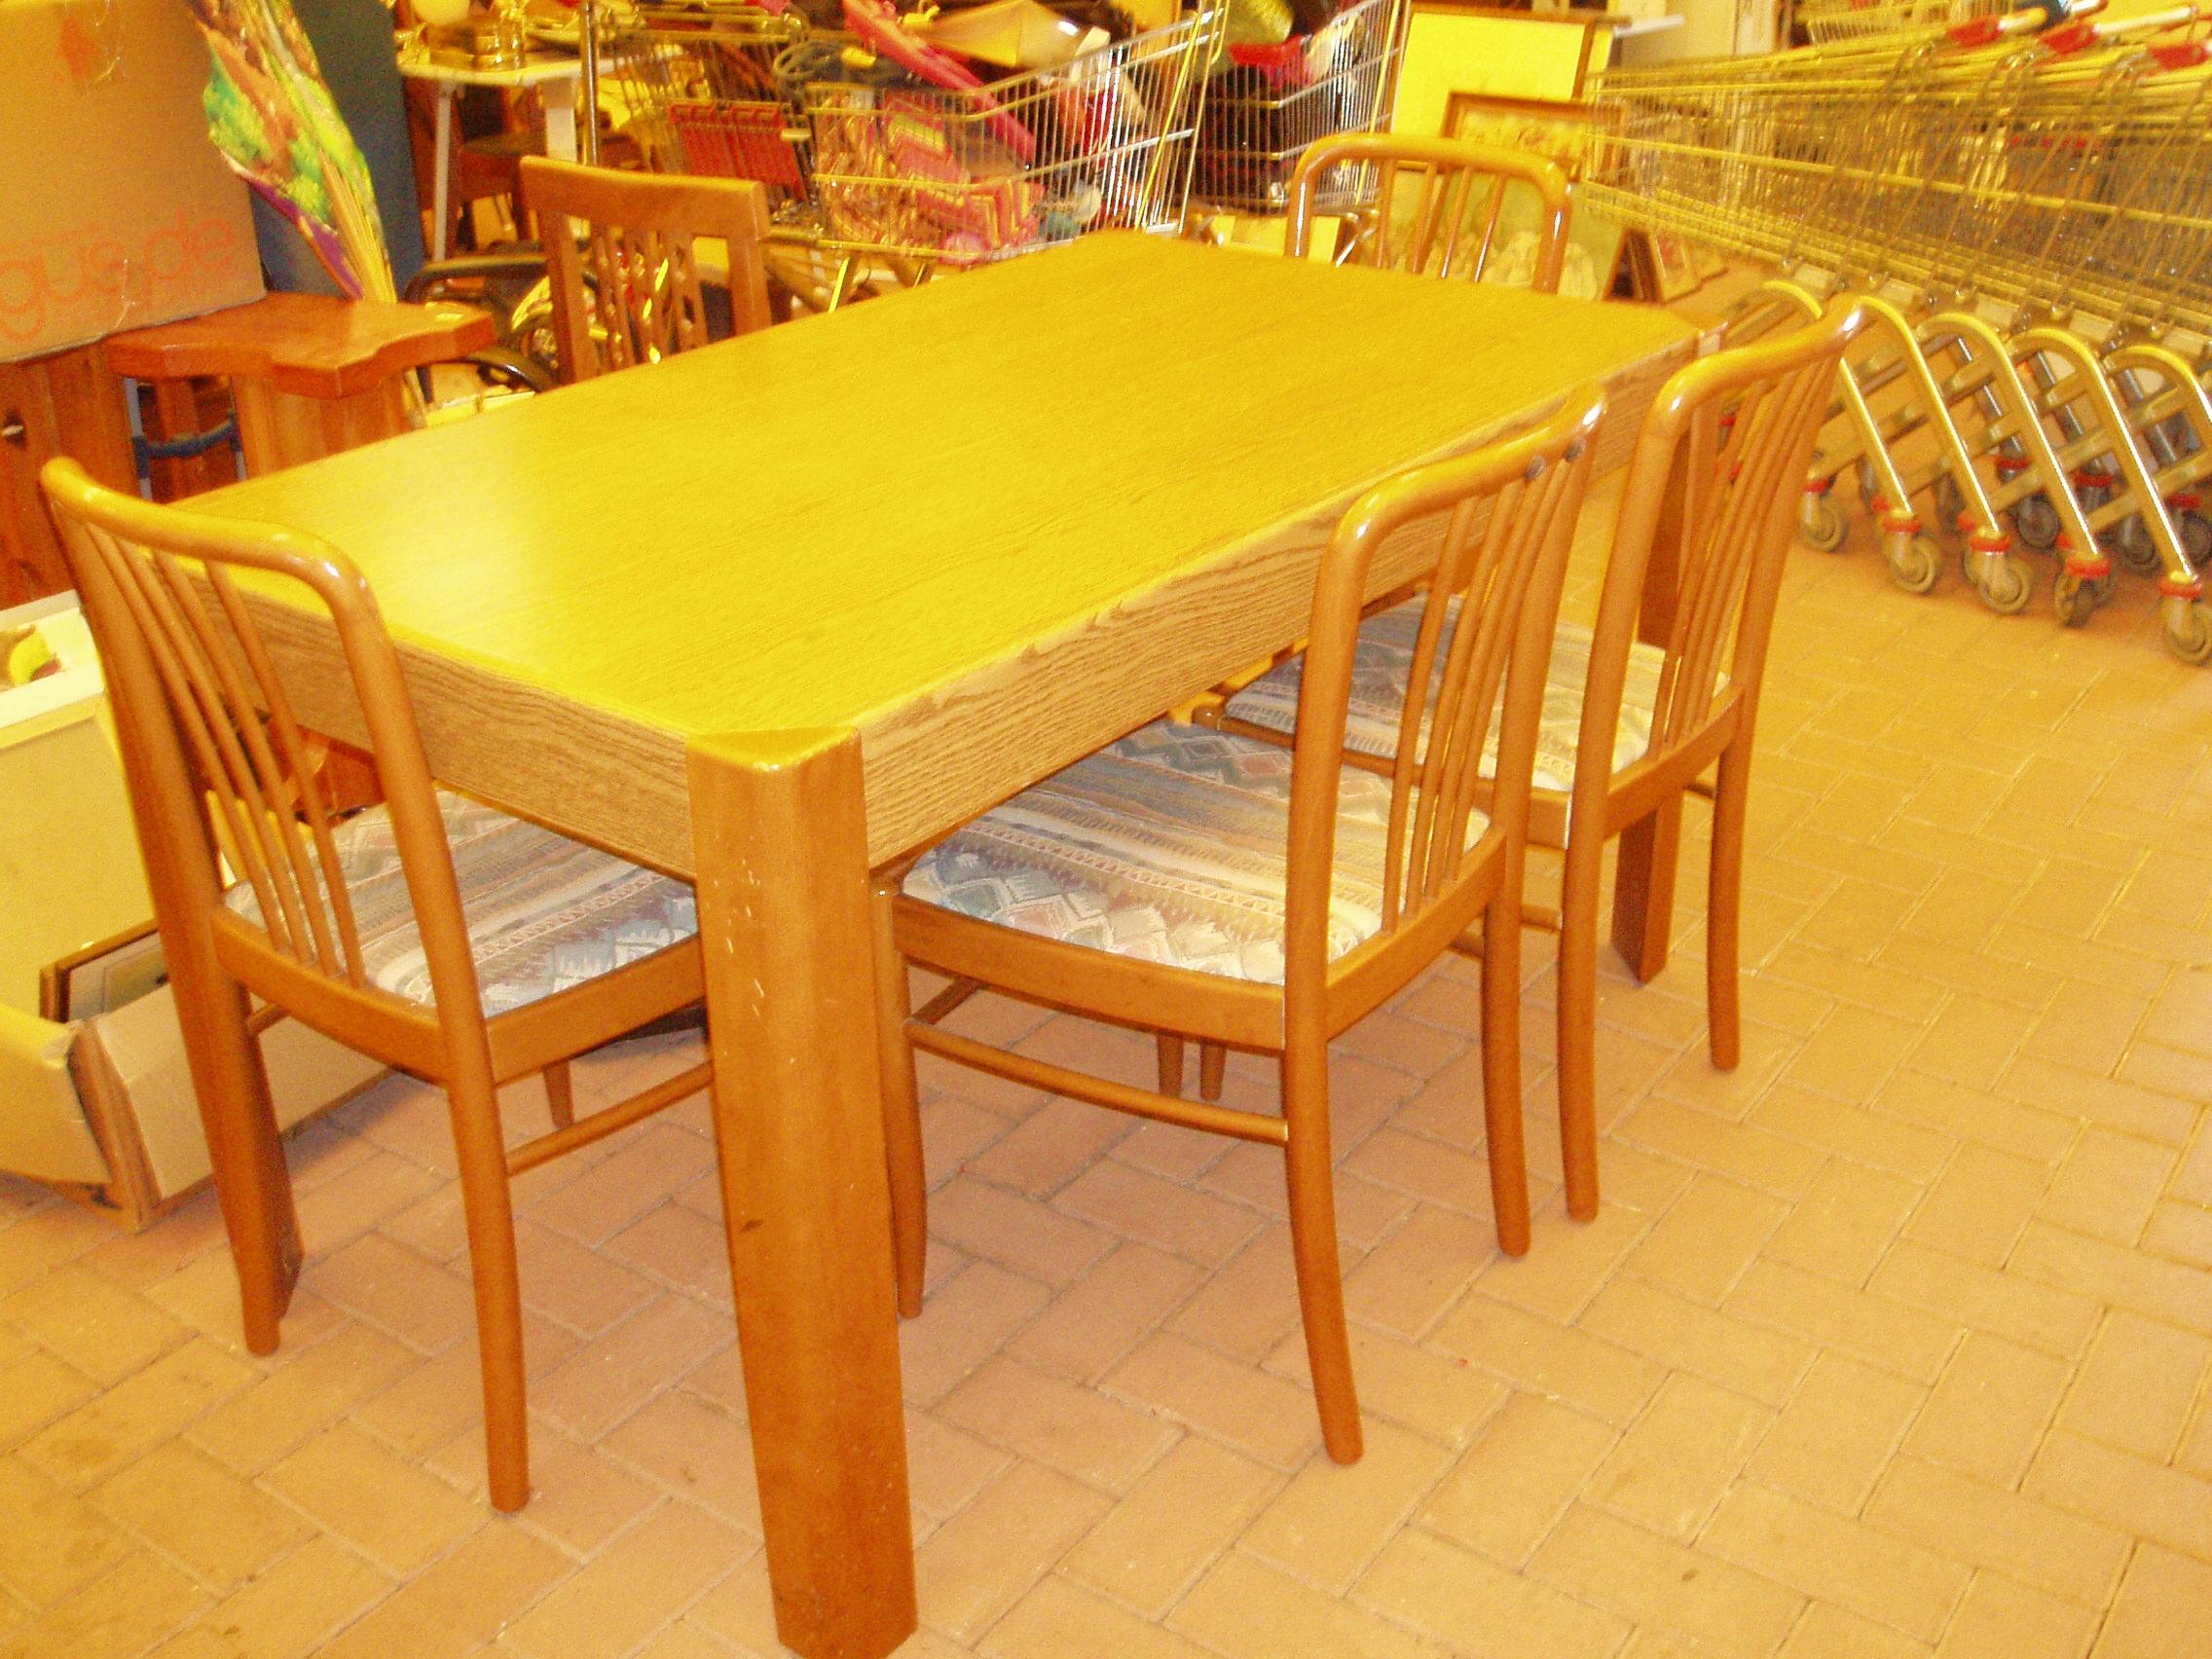 Tavolo noce chiaro con 4 sedie il tendone solidale - Tavolo con sedie ...